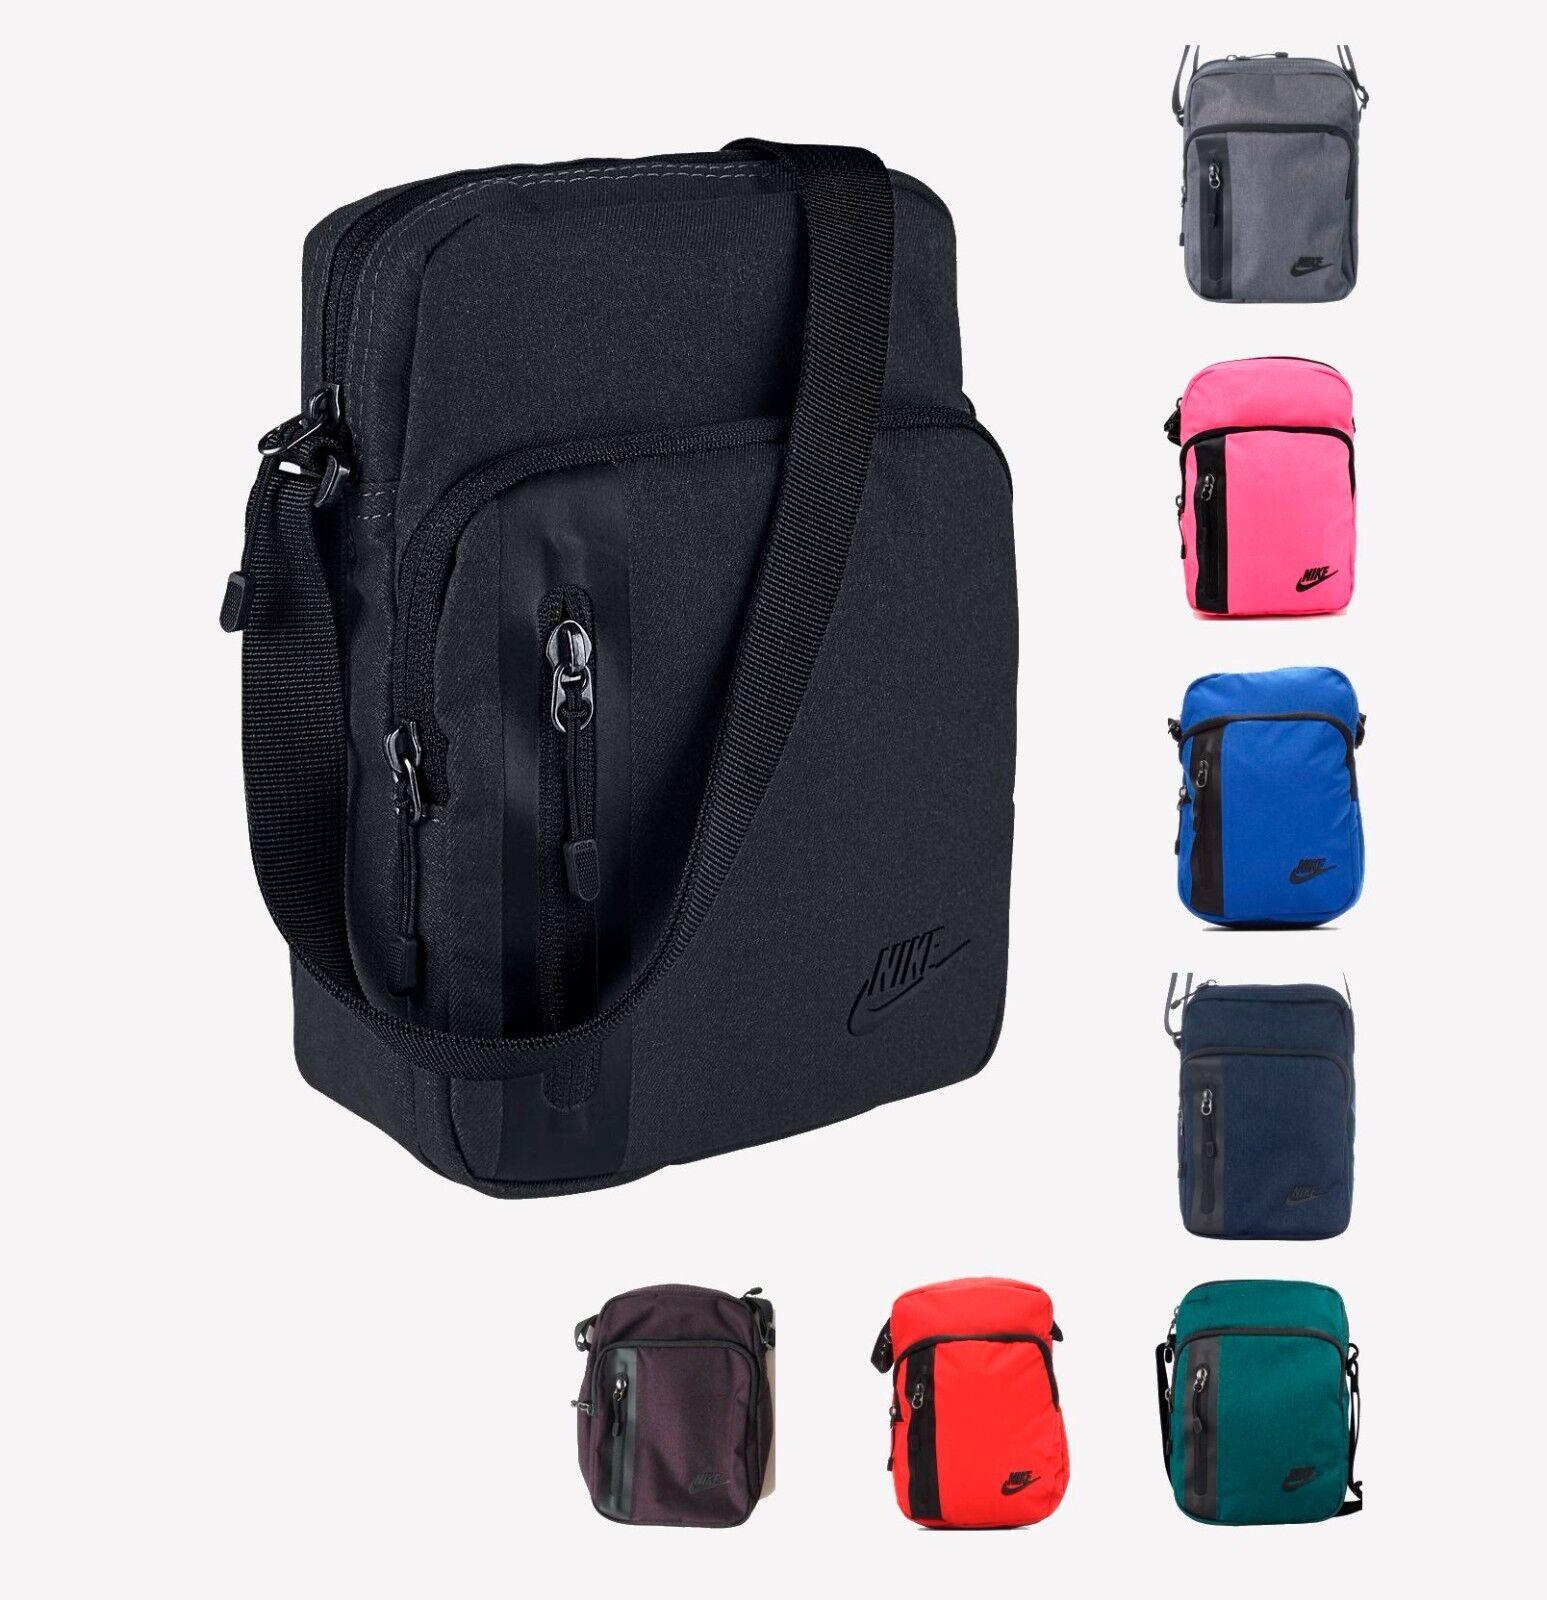 1c33f84c3bc4 Nike Core Small Items 3.0 Messenger Tech Shoulder Bag Black Men Women BA5268  фото